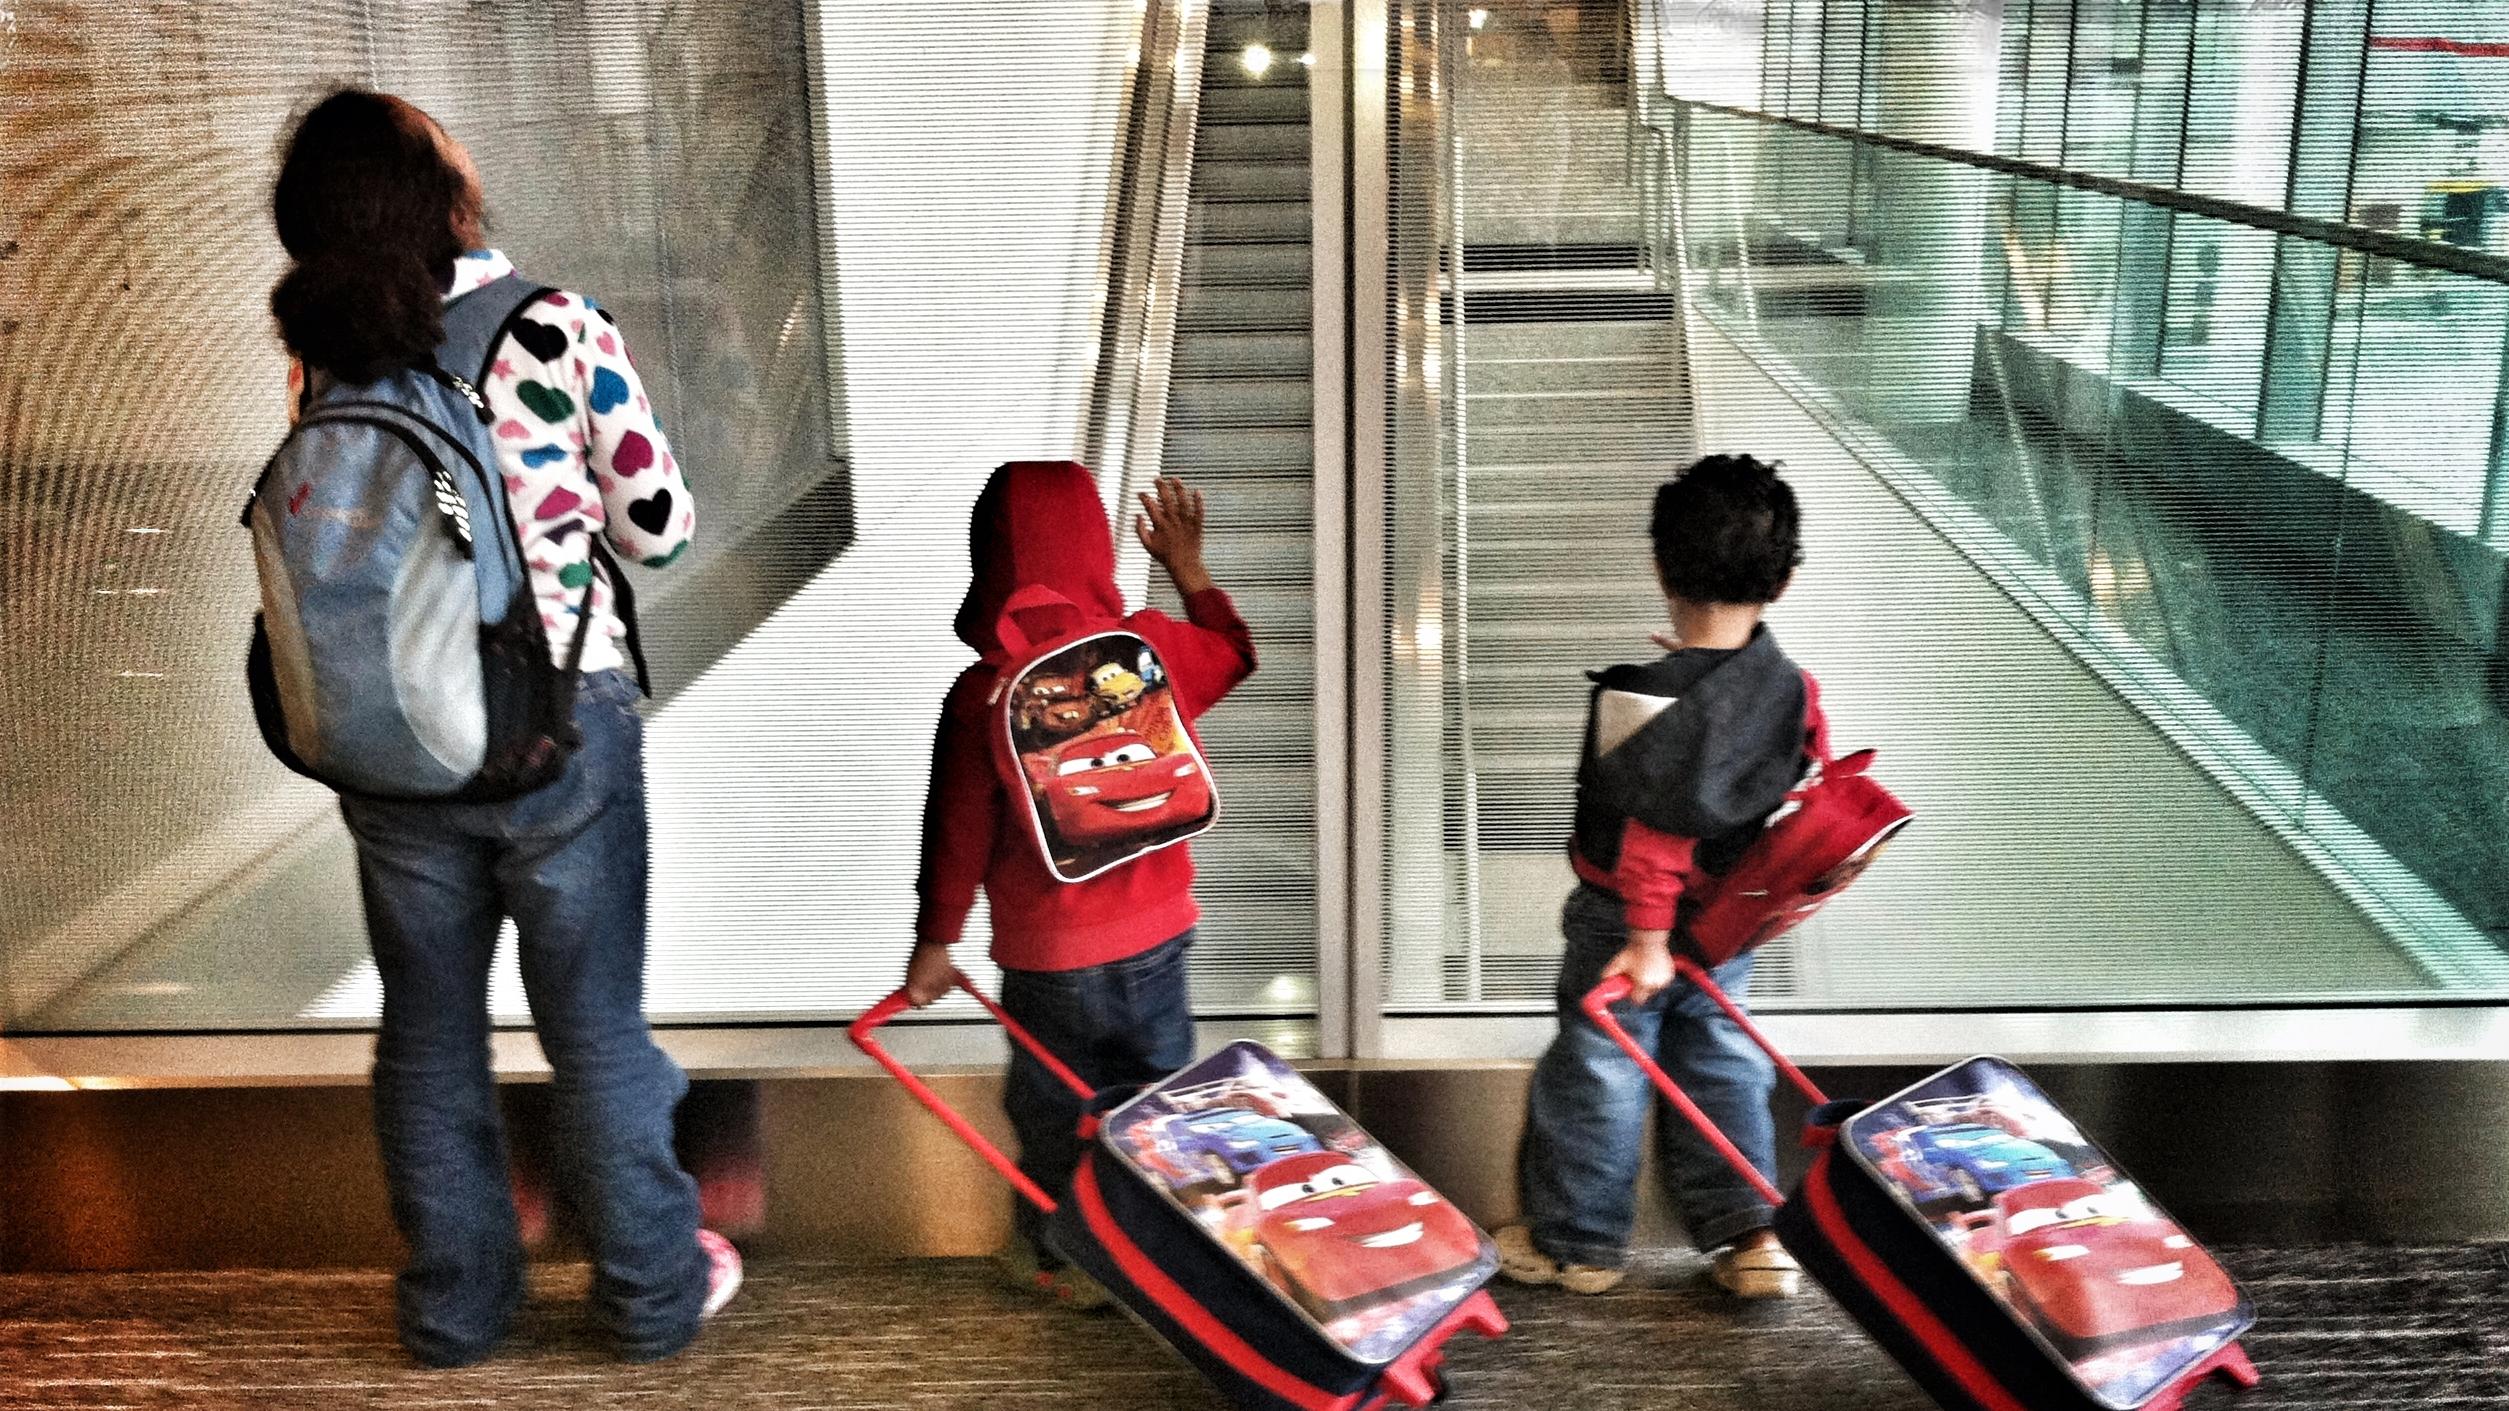 viaggio viaggiare con bambini famiglia trasferirsi con la famiglia all'estero olanda paesi bassi consigli espatrio